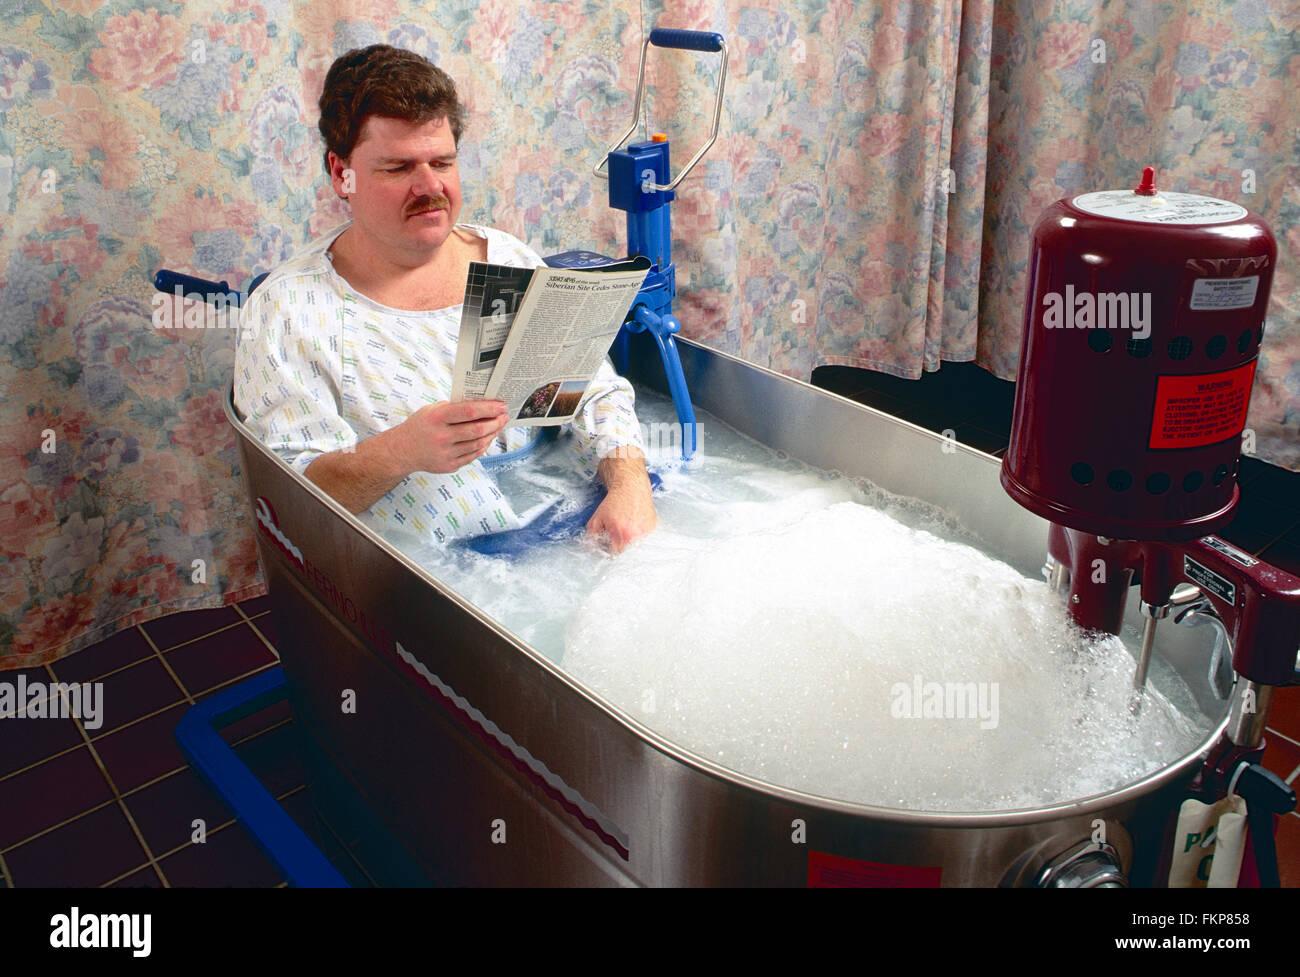 Männliche Patienten im Whirlpool-Badewanne für physikalische Therapie Stockbild